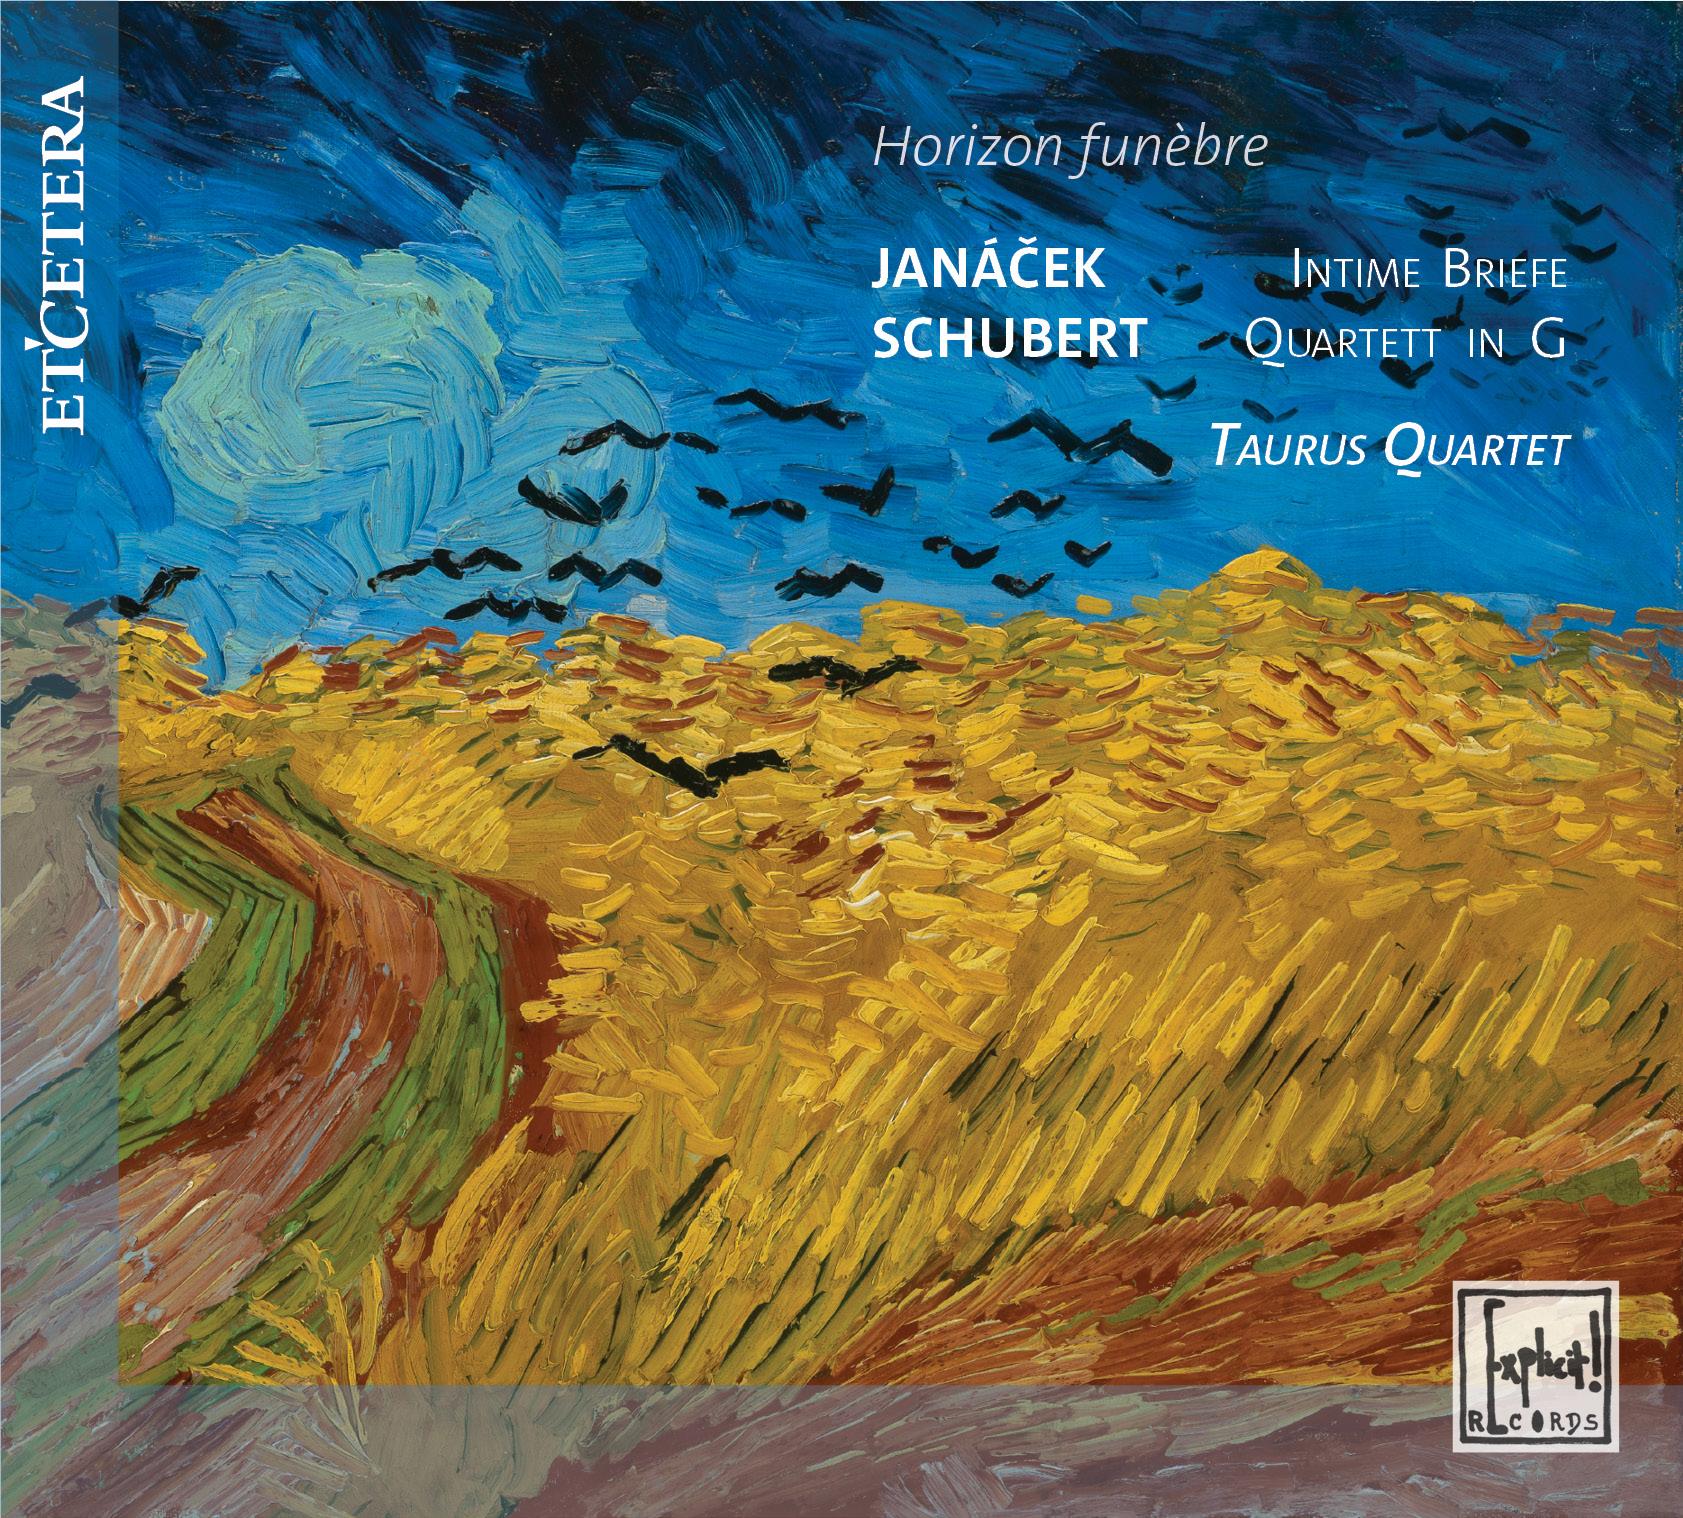 1st Cd Taurus Quartet